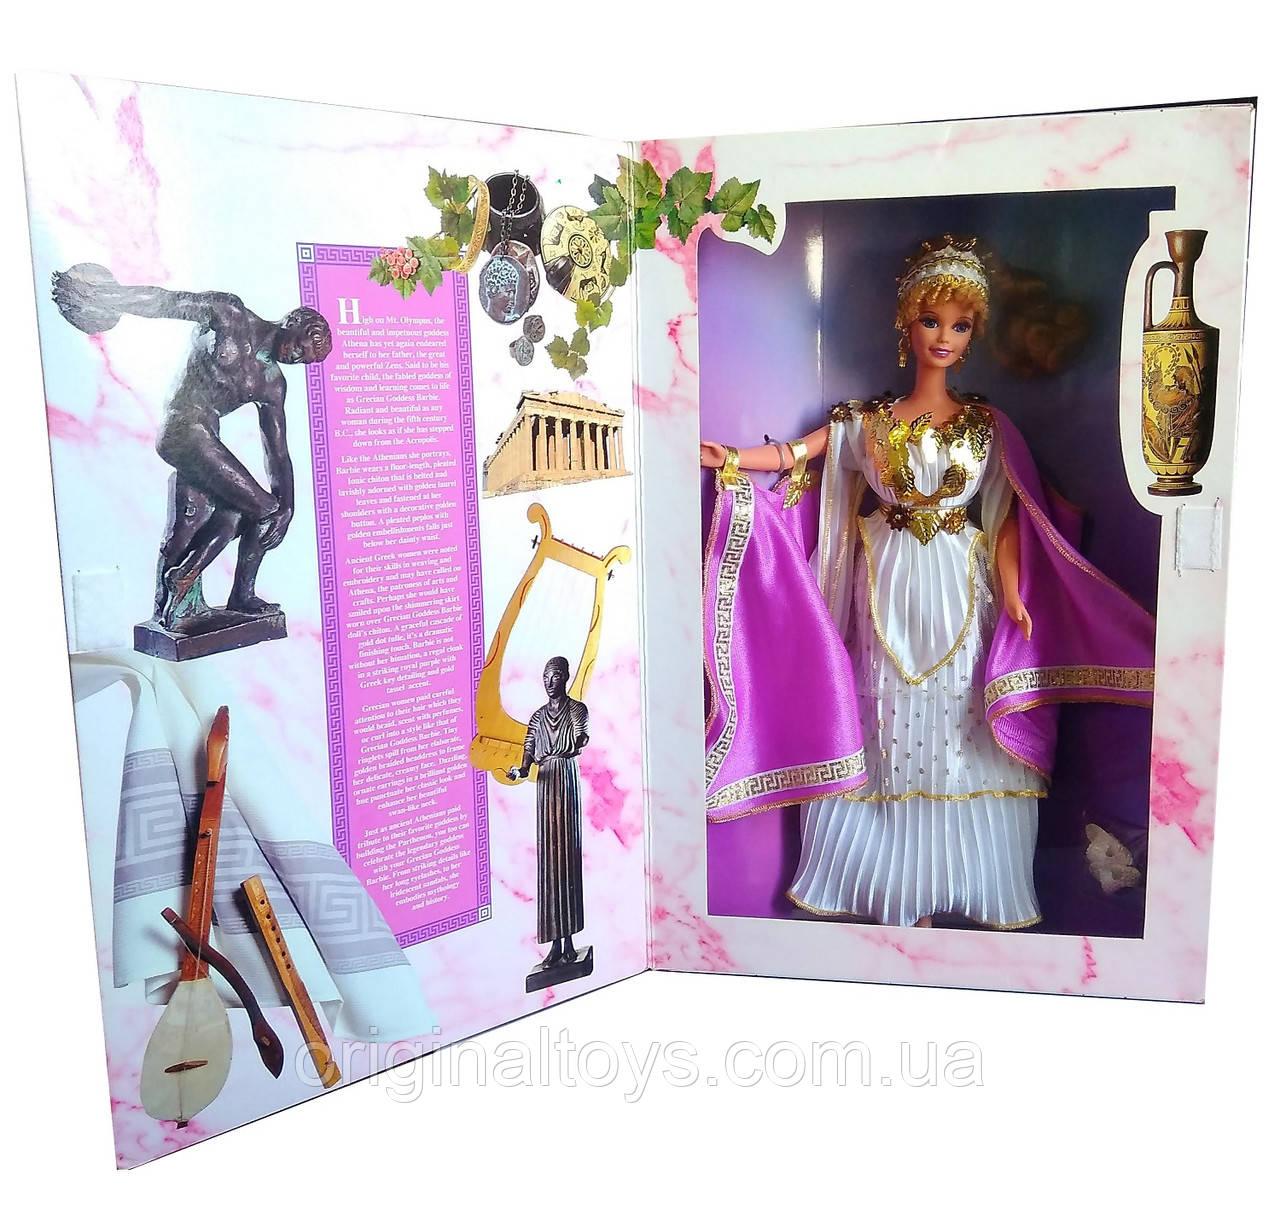 Коллекционная кукла Барби Греческая богиня Barbie Grecian Goddess 1995 Mattel 15005